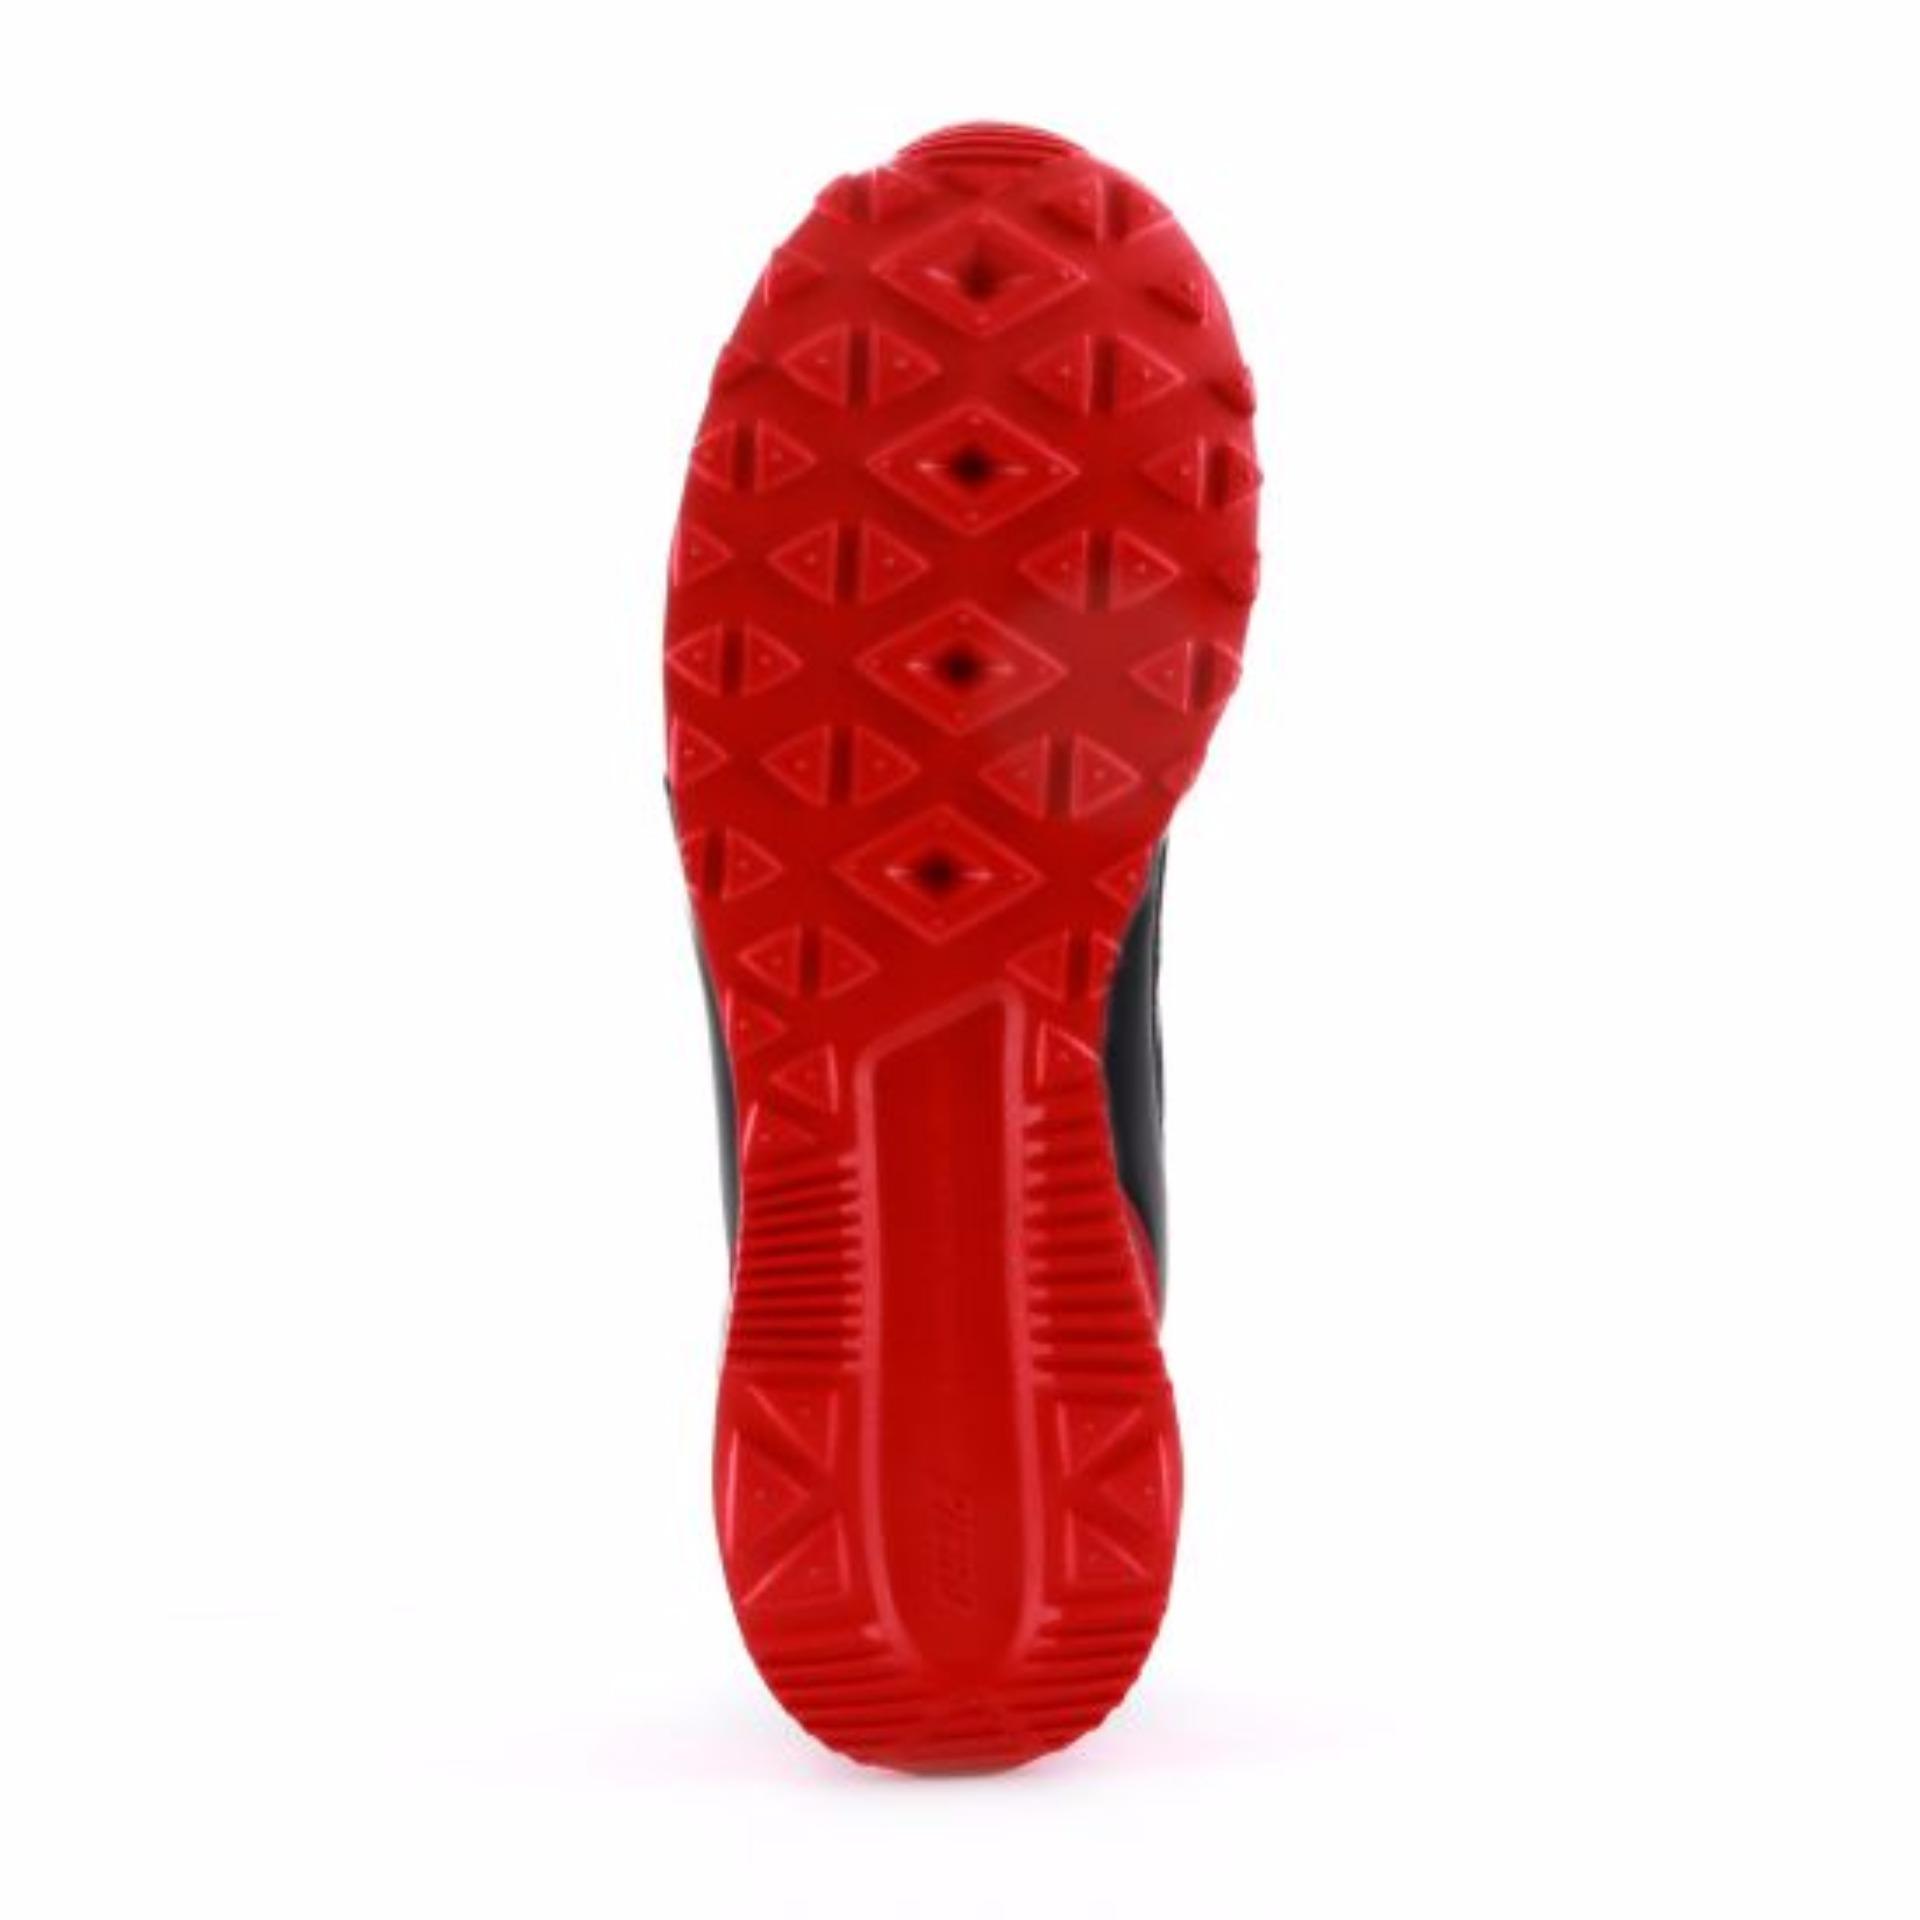 Anggaran Terbaik Sepatu Sneakers Piero Tracker Hitam Murah Eva Trainer Dark Pack